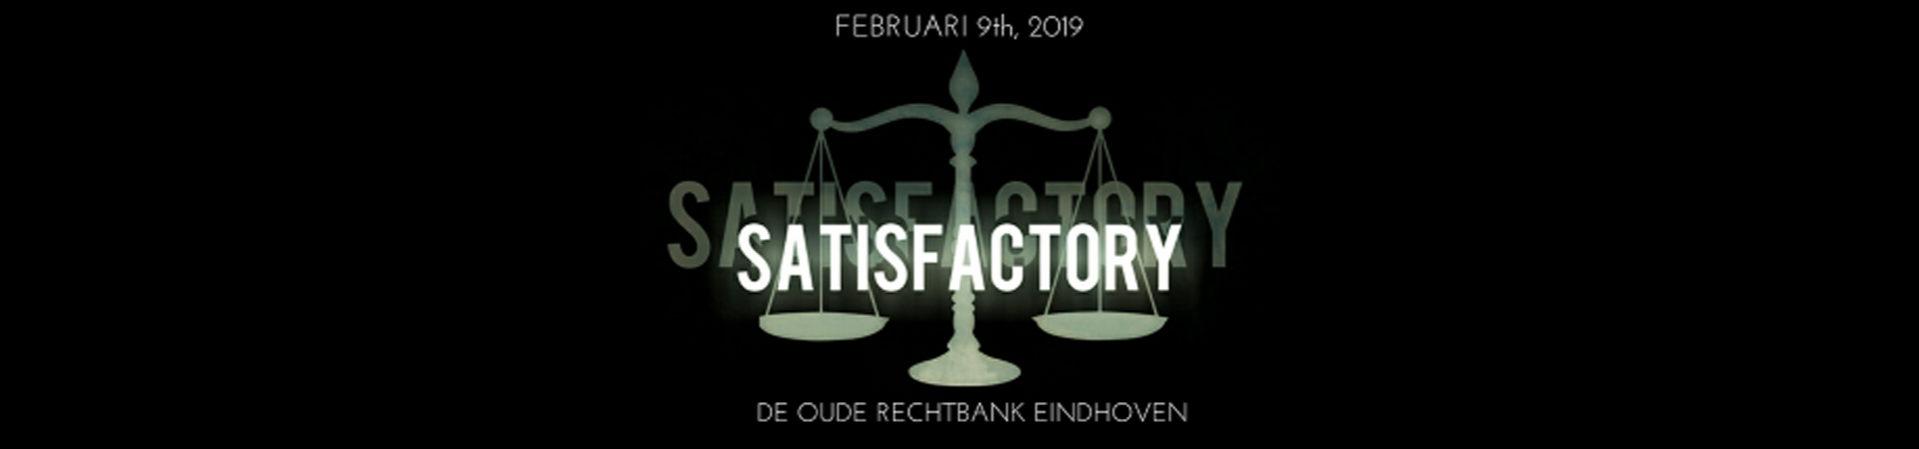 Satisfactory 1920x450